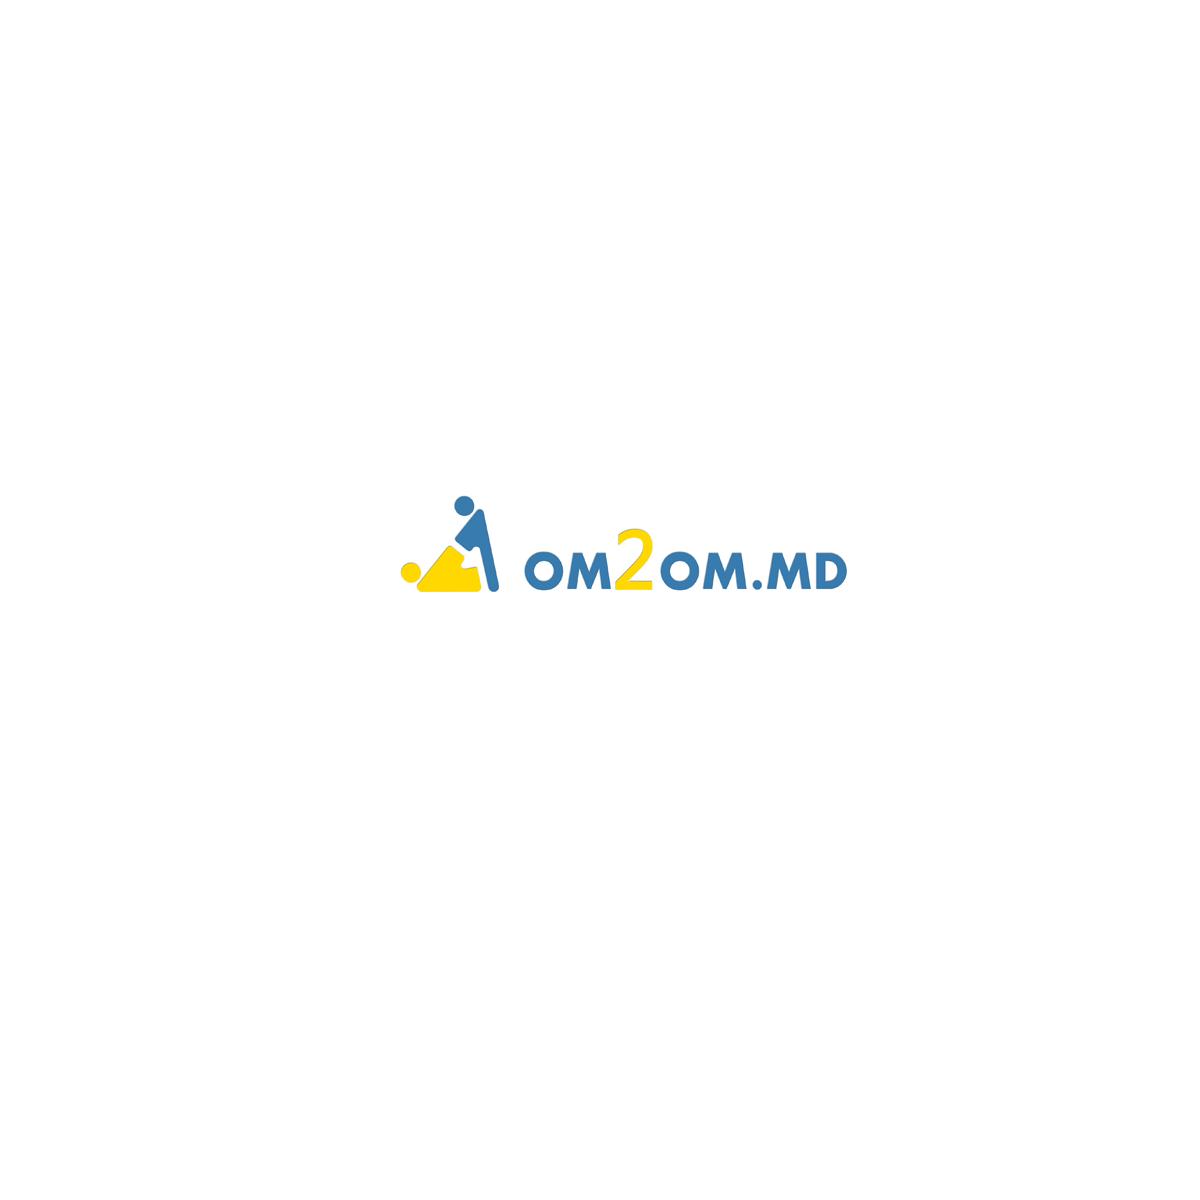 Разработка логотипа для краудфандинговой платформы om2om.md фото f_6915f58b5b78e257.jpg